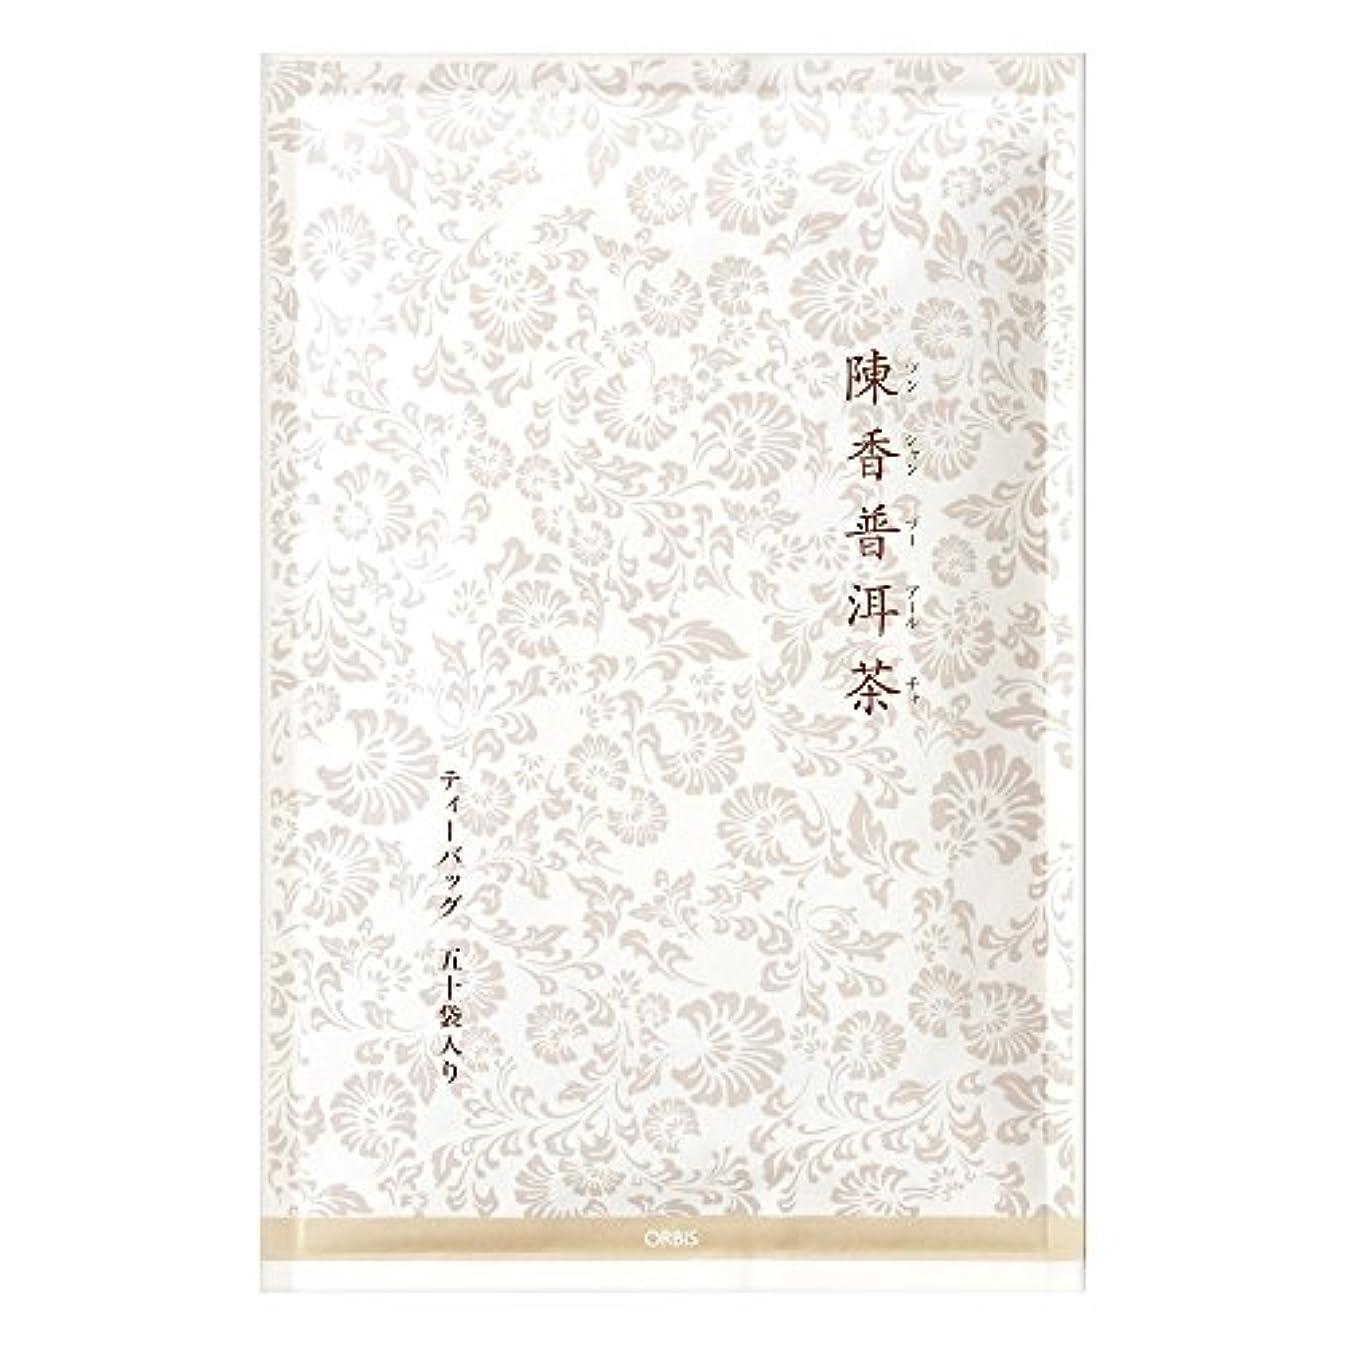 マグ豊富にそれオルビス(ORBIS) 陳香プーアール茶 ティーバッグ 徳用 2g×50袋 ◎ダイエット茶◎ 0kcal